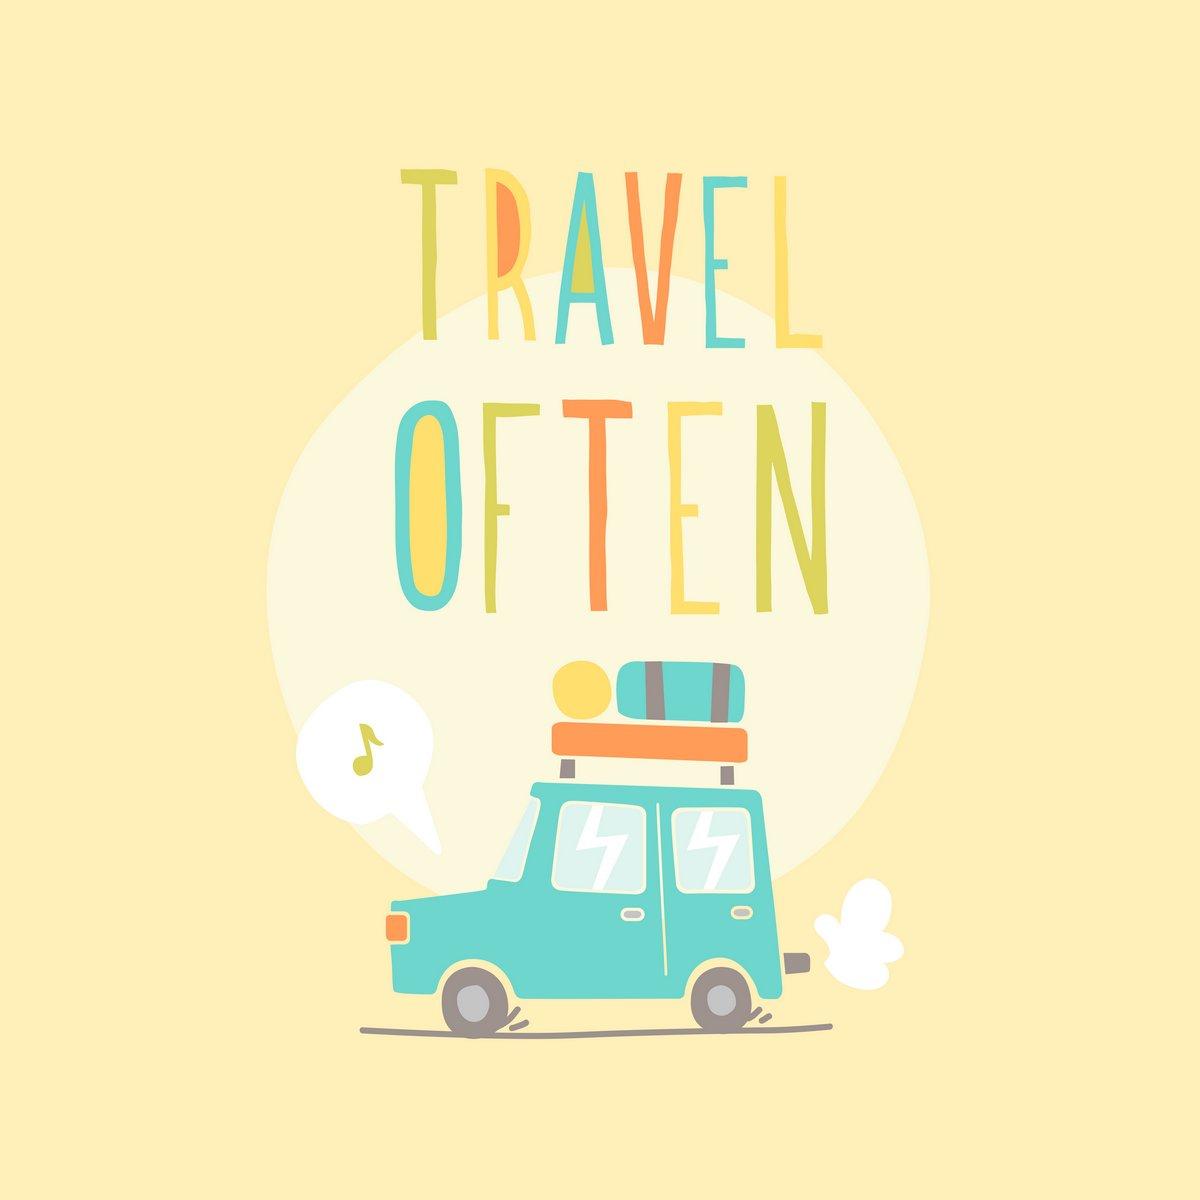 Постер-картина Мотивационный плакат Путешествую часто. Дорожное путешествие.Мотивационный плакат<br>Постер на холсте или бумаге. Любого нужного вам размера. В раме или без. Подвес в комплекте. Трехслойная надежная упаковка. Доставим в любую точку России. Вам осталось только повесить картину на стену!<br>